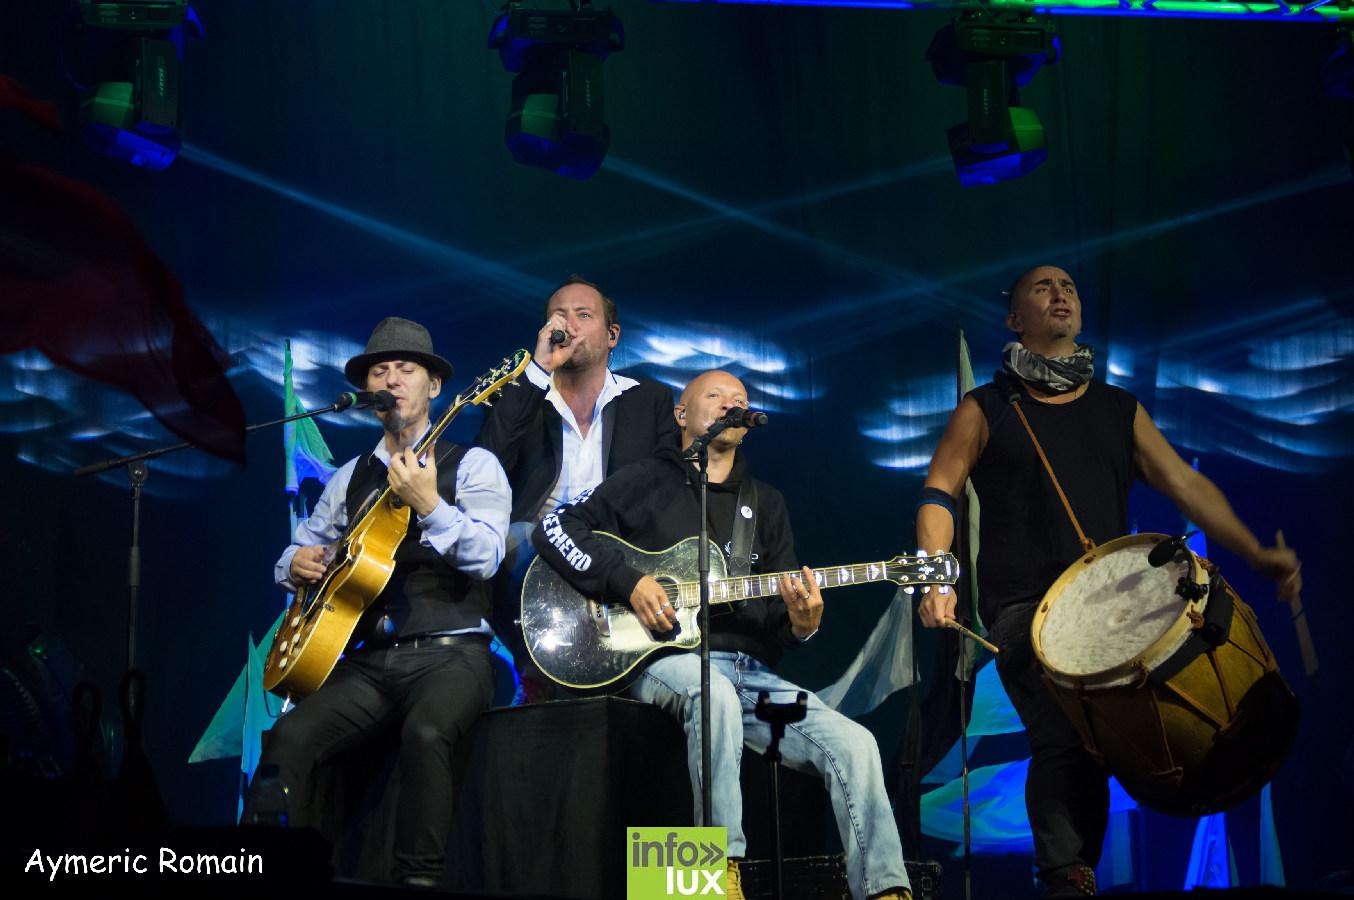 //media/jw_sigpro/users/0000002307/Concert Wardin Rock 2017/DSC_0742